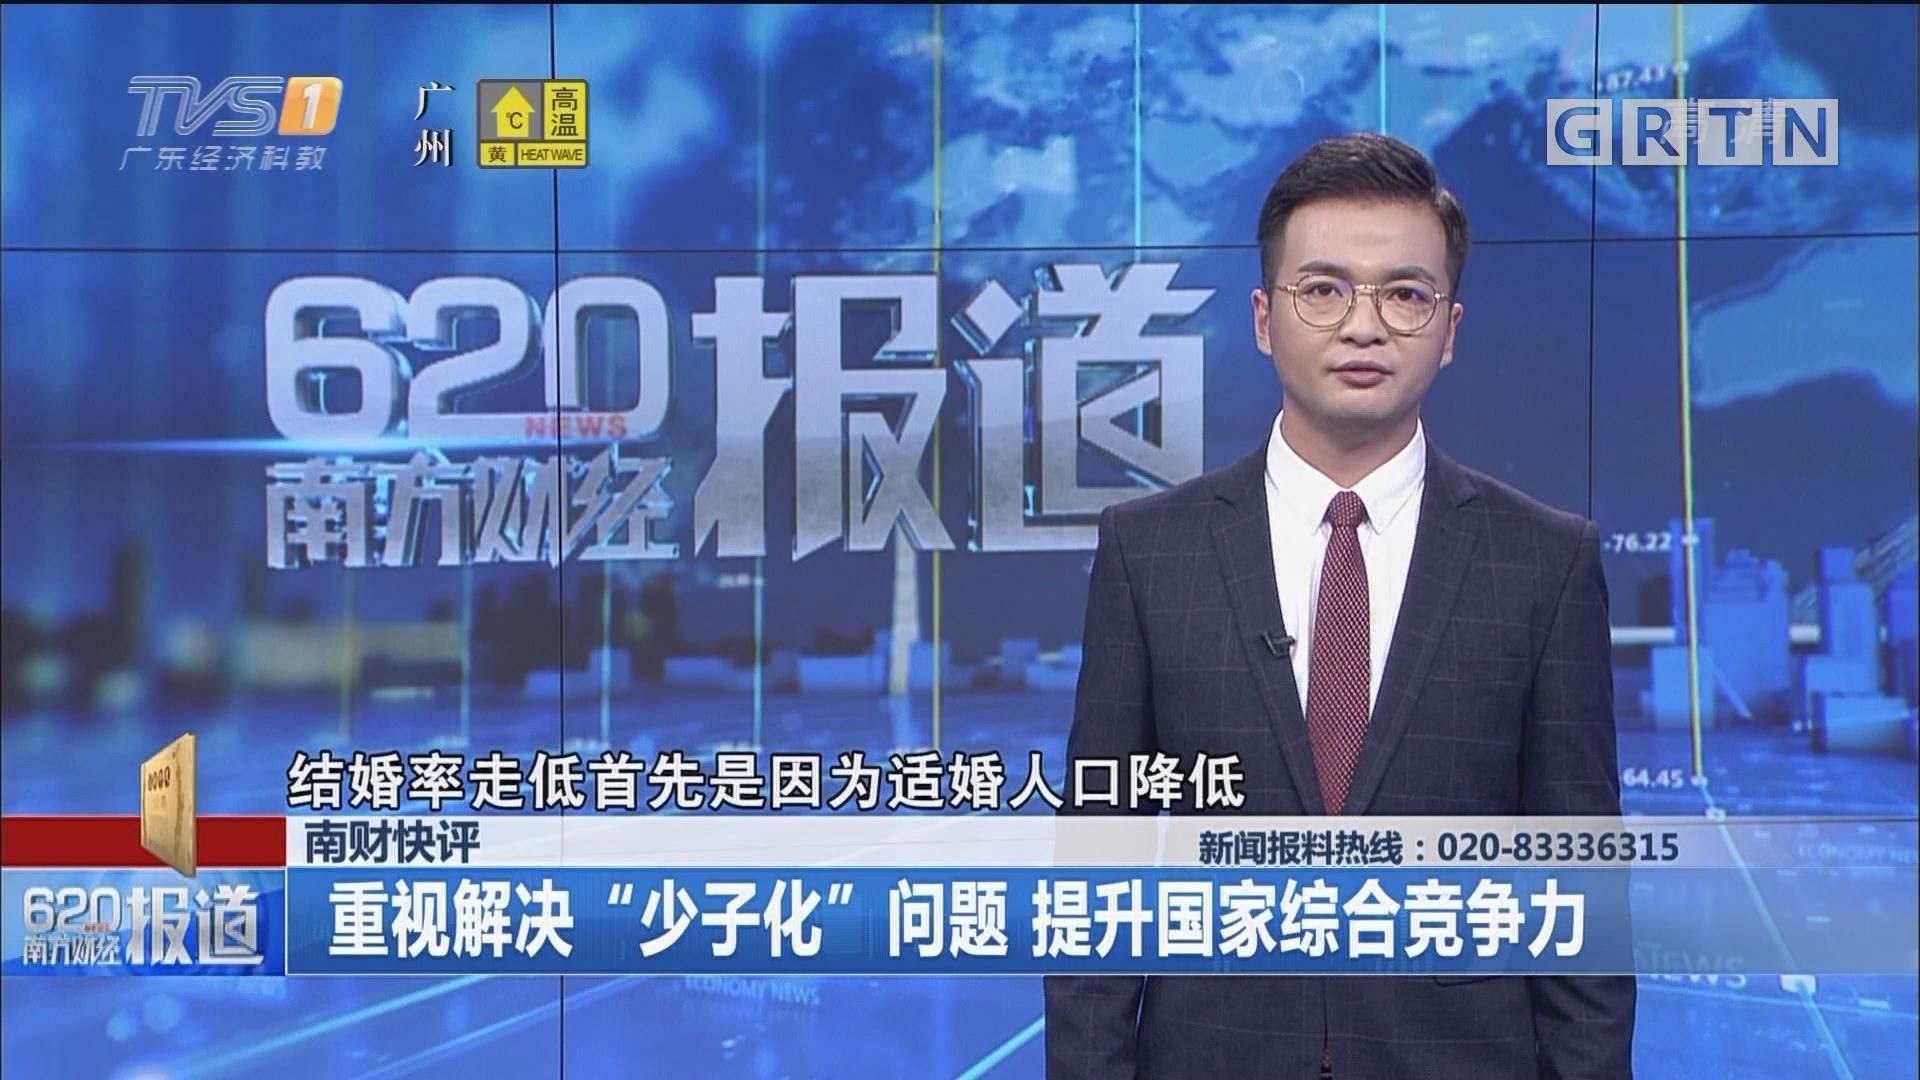 """南财快评:重视解决""""少子化""""问题 提升国家综合竞争力"""